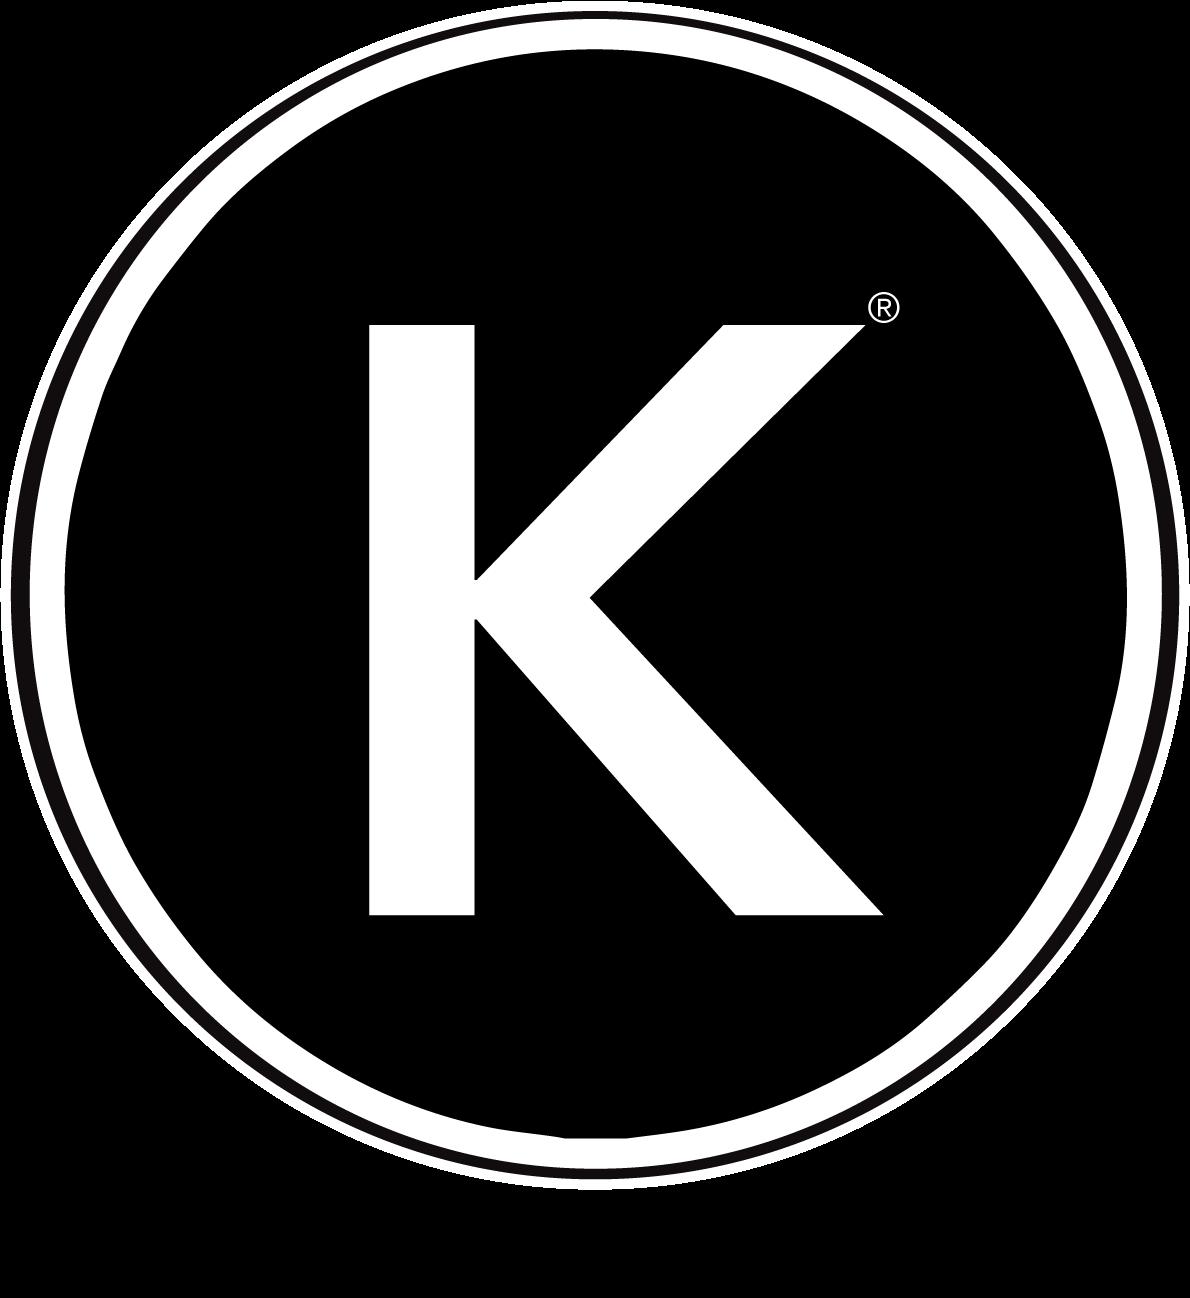 keratin kmx